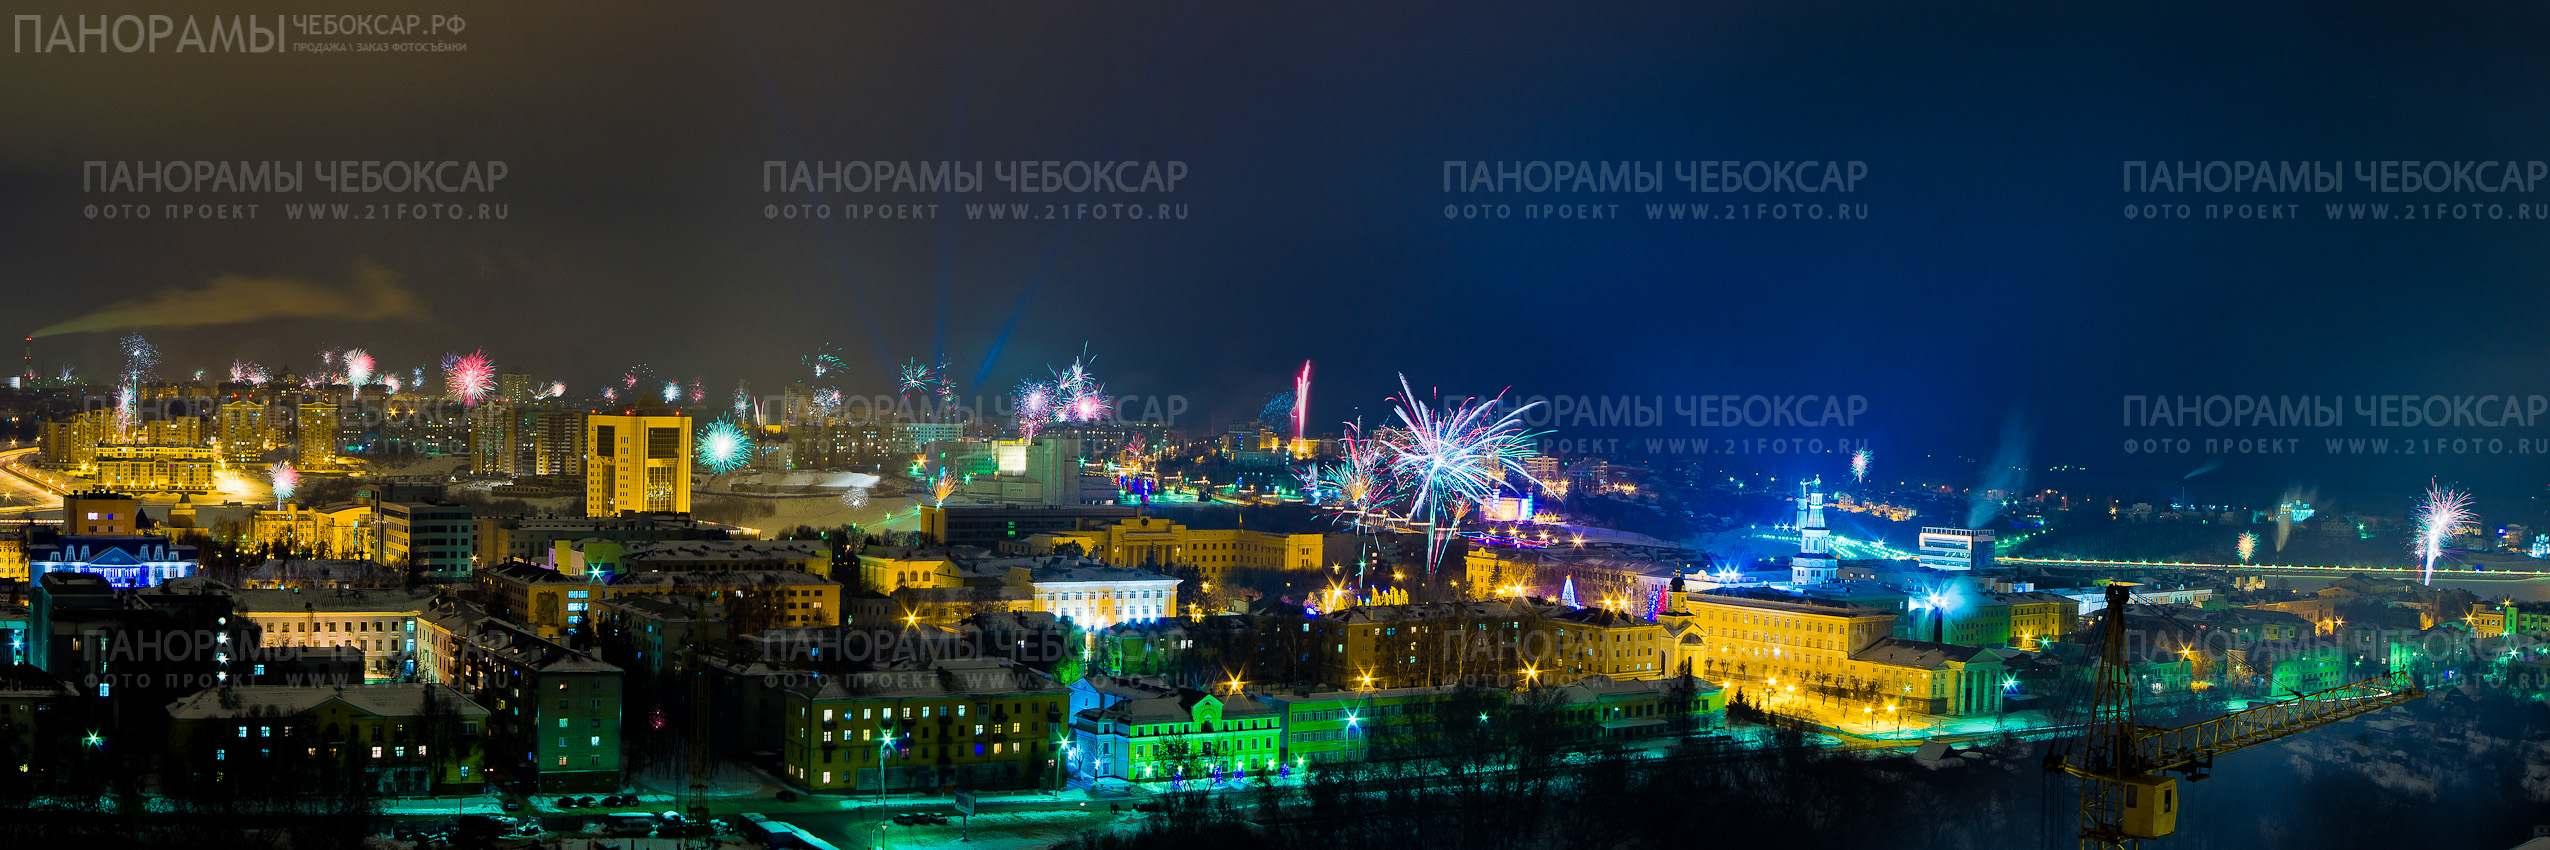 Новый год в Чебоксарах II